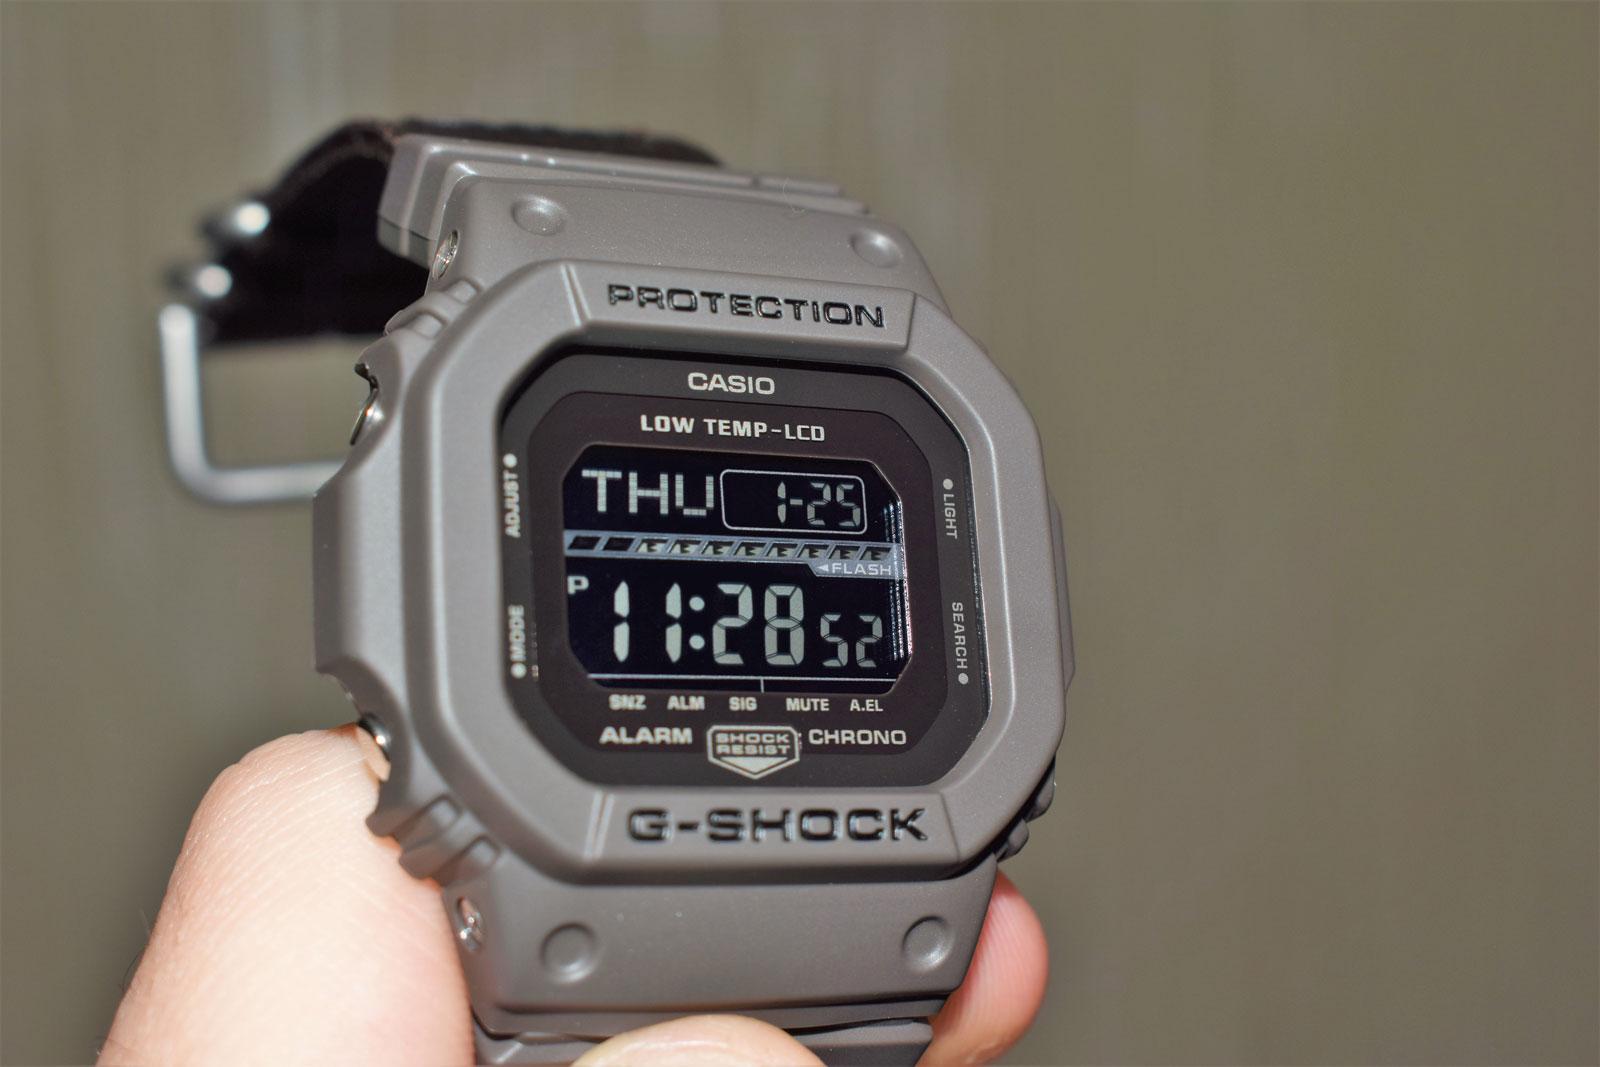 [Обзор G-Shock] GLS-5600CL-5ER — морозостойкость и тканевый ремешок